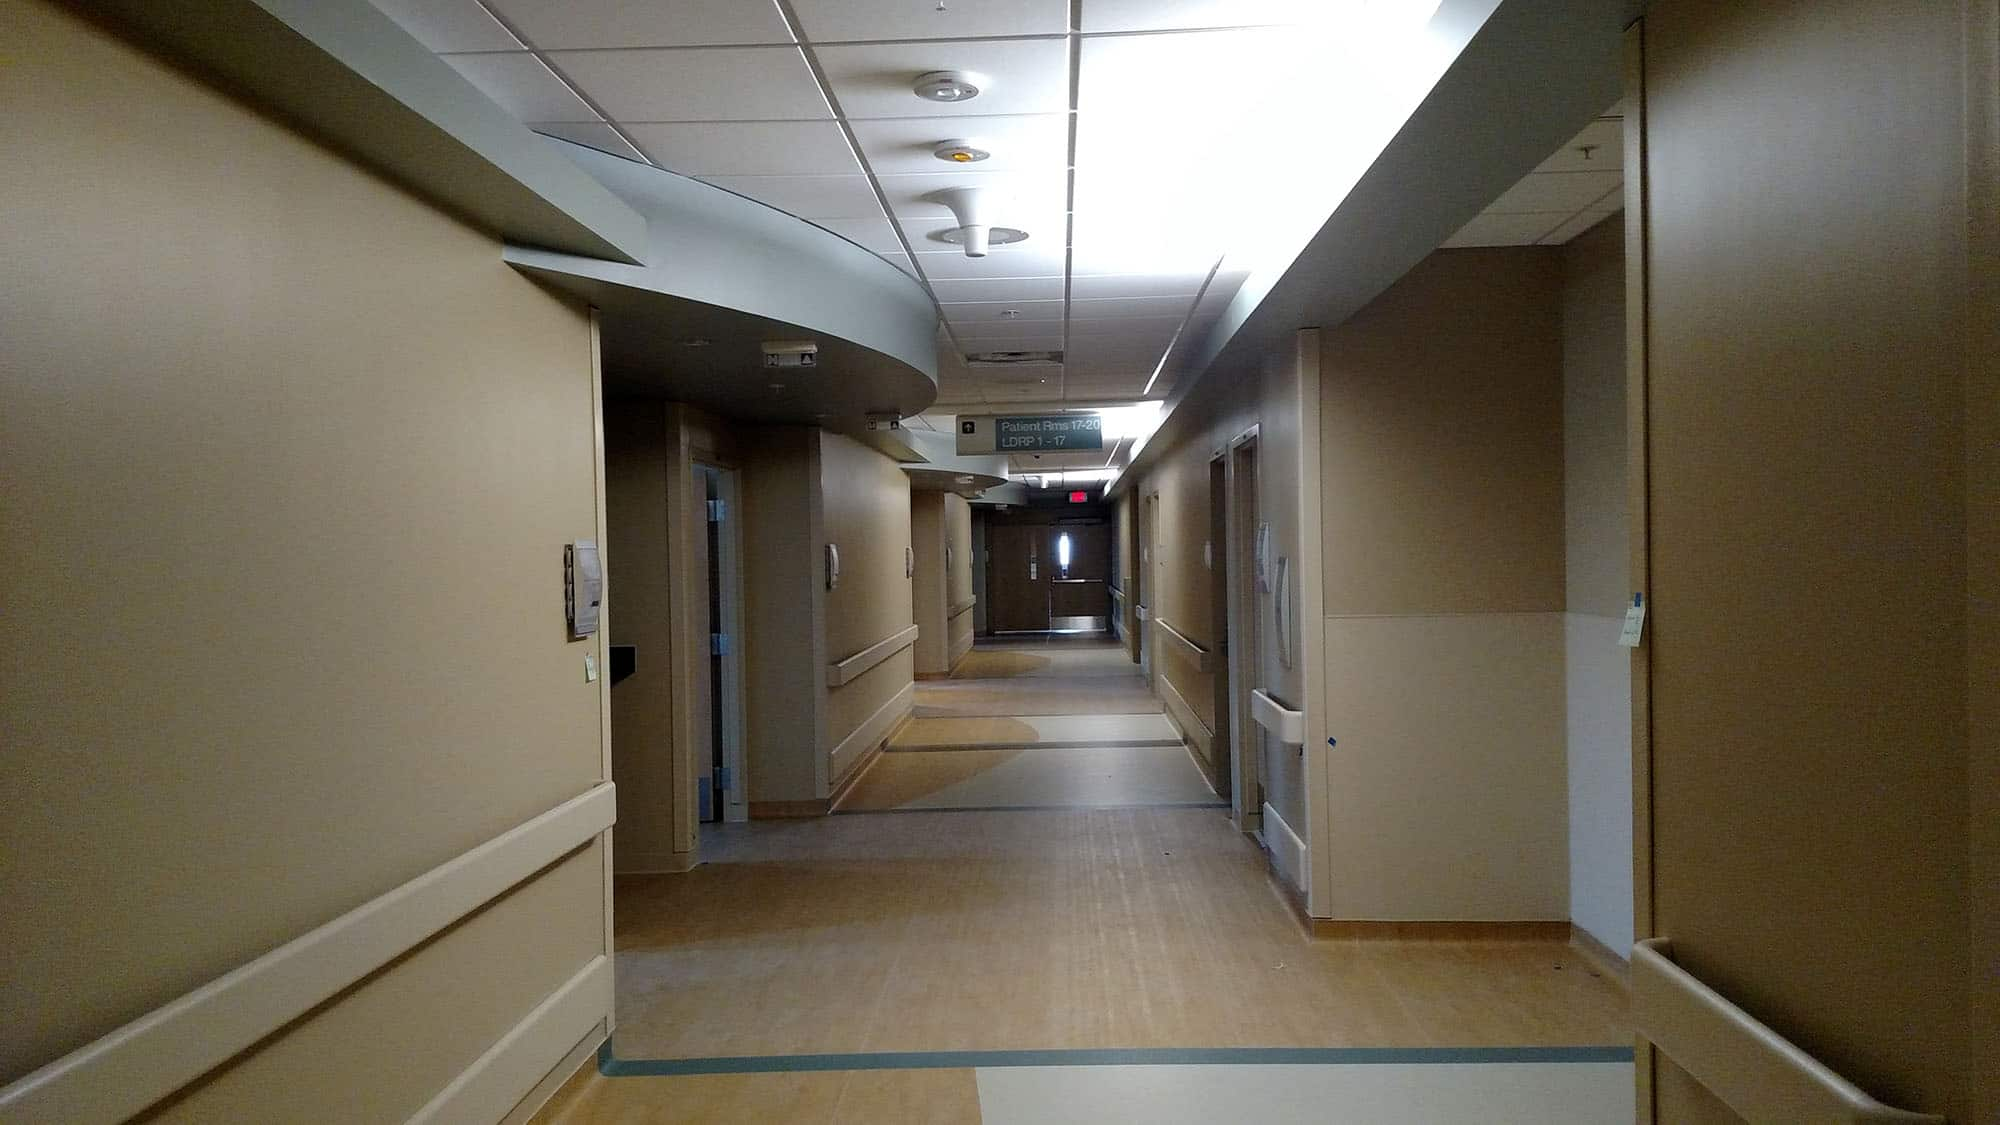 IMG_20141205_145007687IRwin Army Hospital